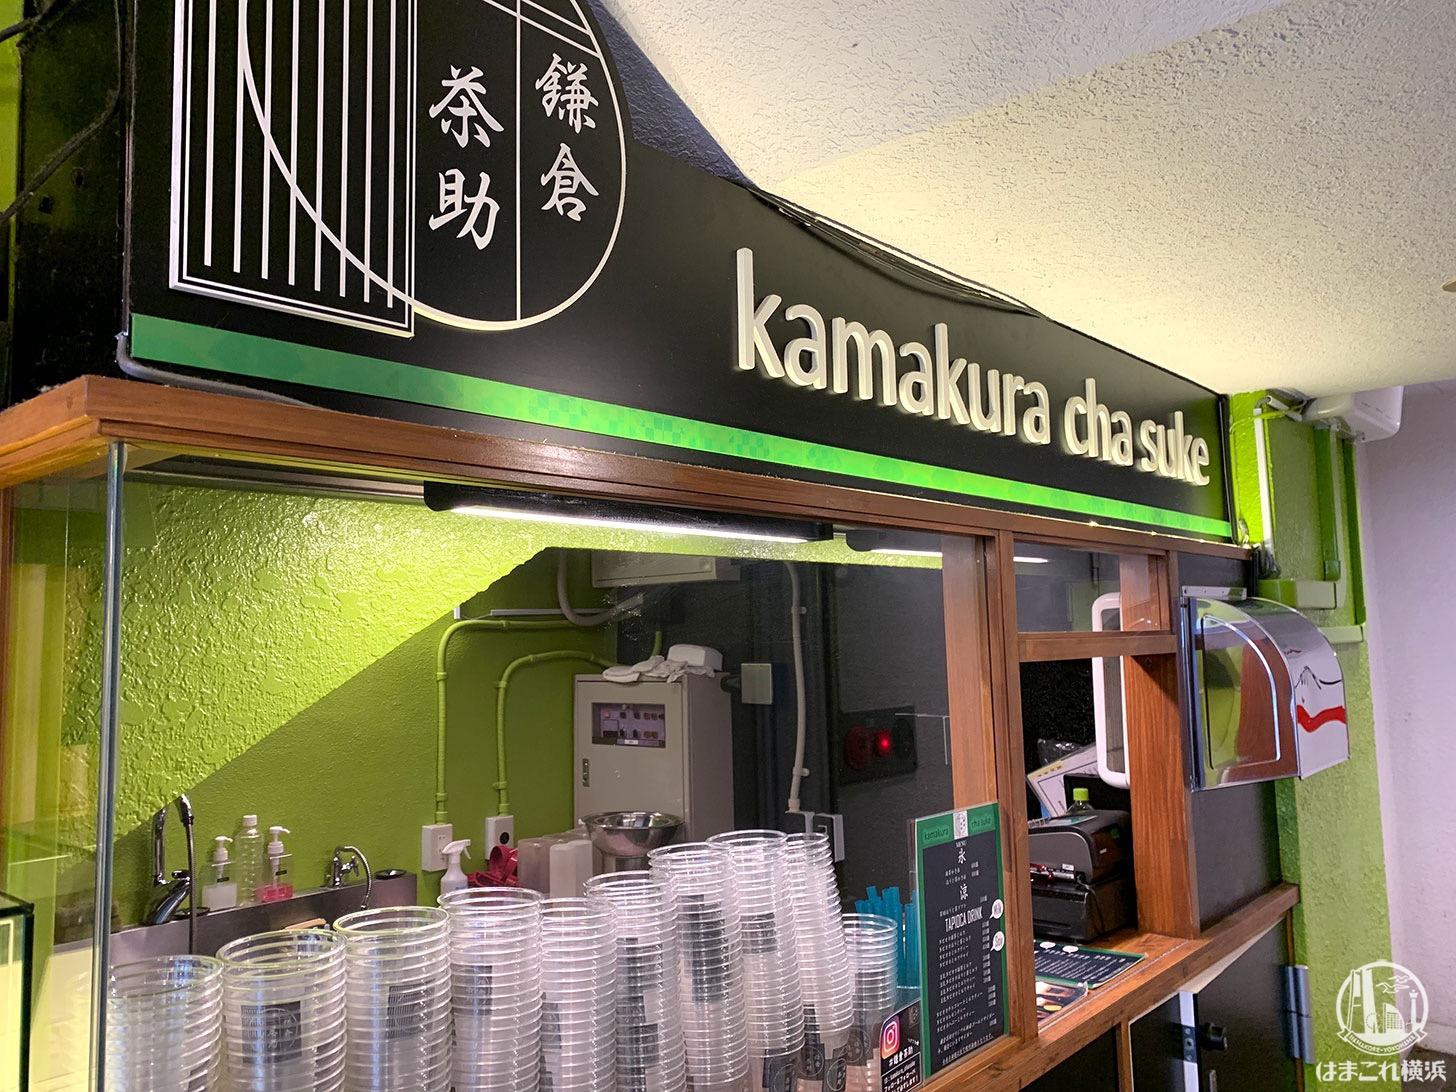 鎌倉小町通り「鎌倉茶助」